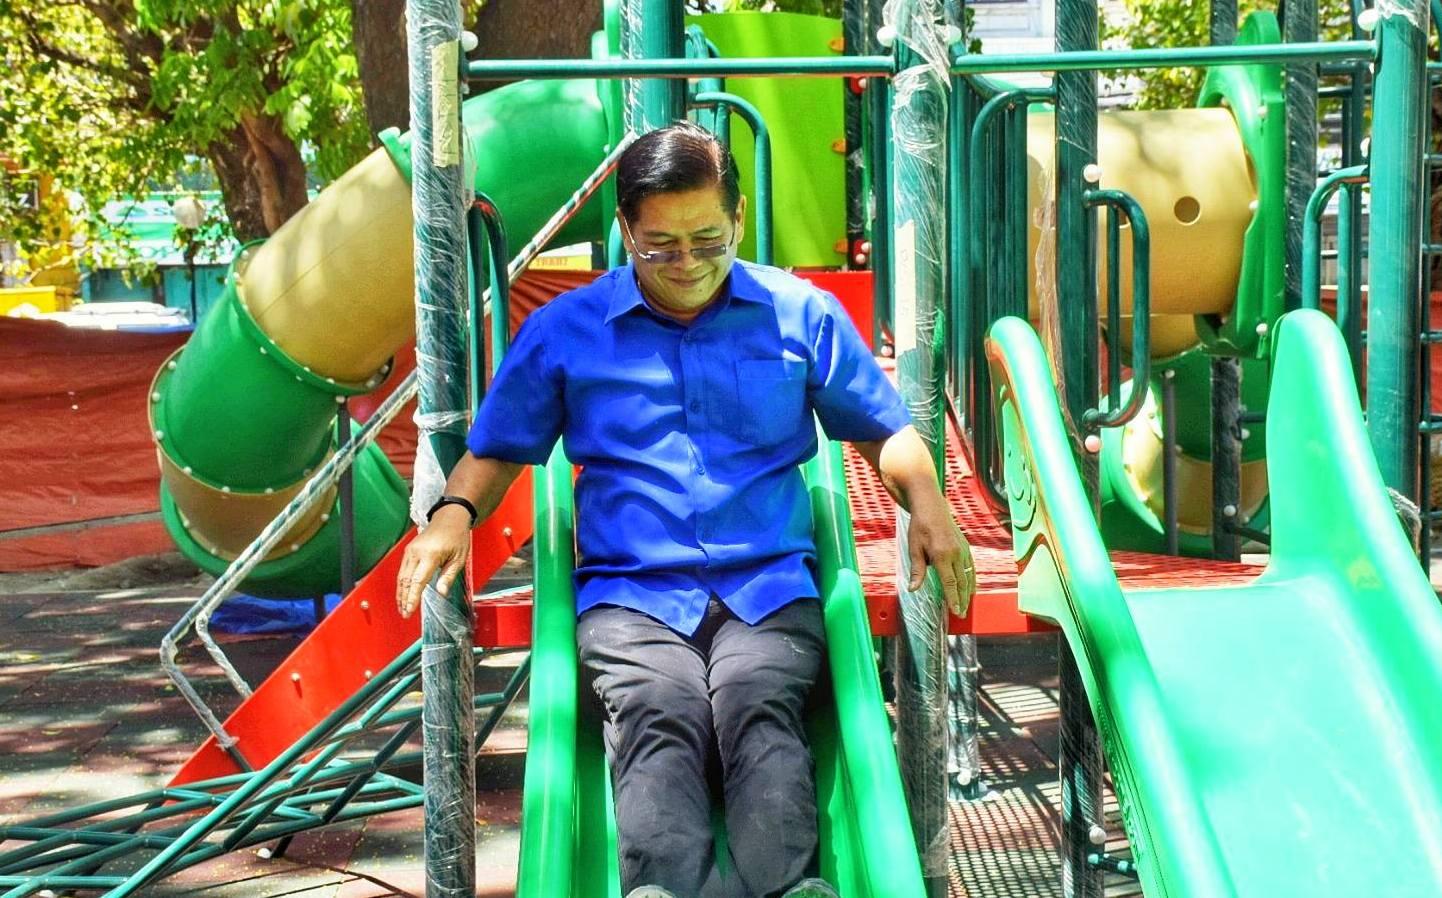 Children's playground opens at Plaza Libertad